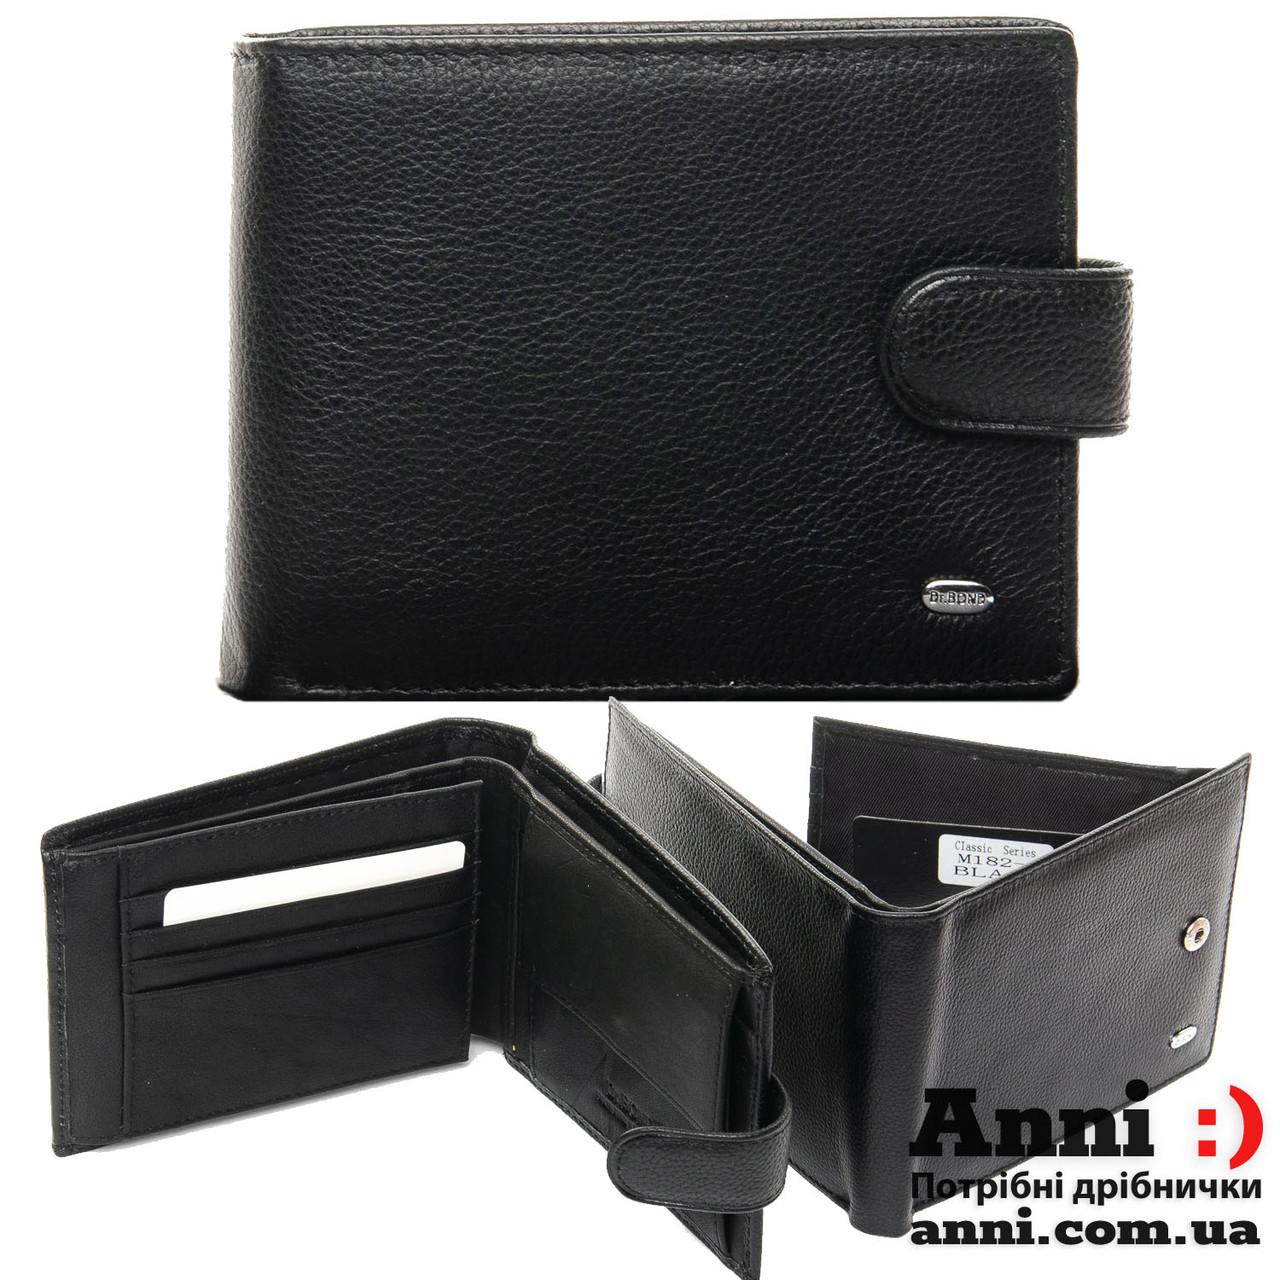 Кожаный мужской кошелек портмоне DR. BOND M182-1 black